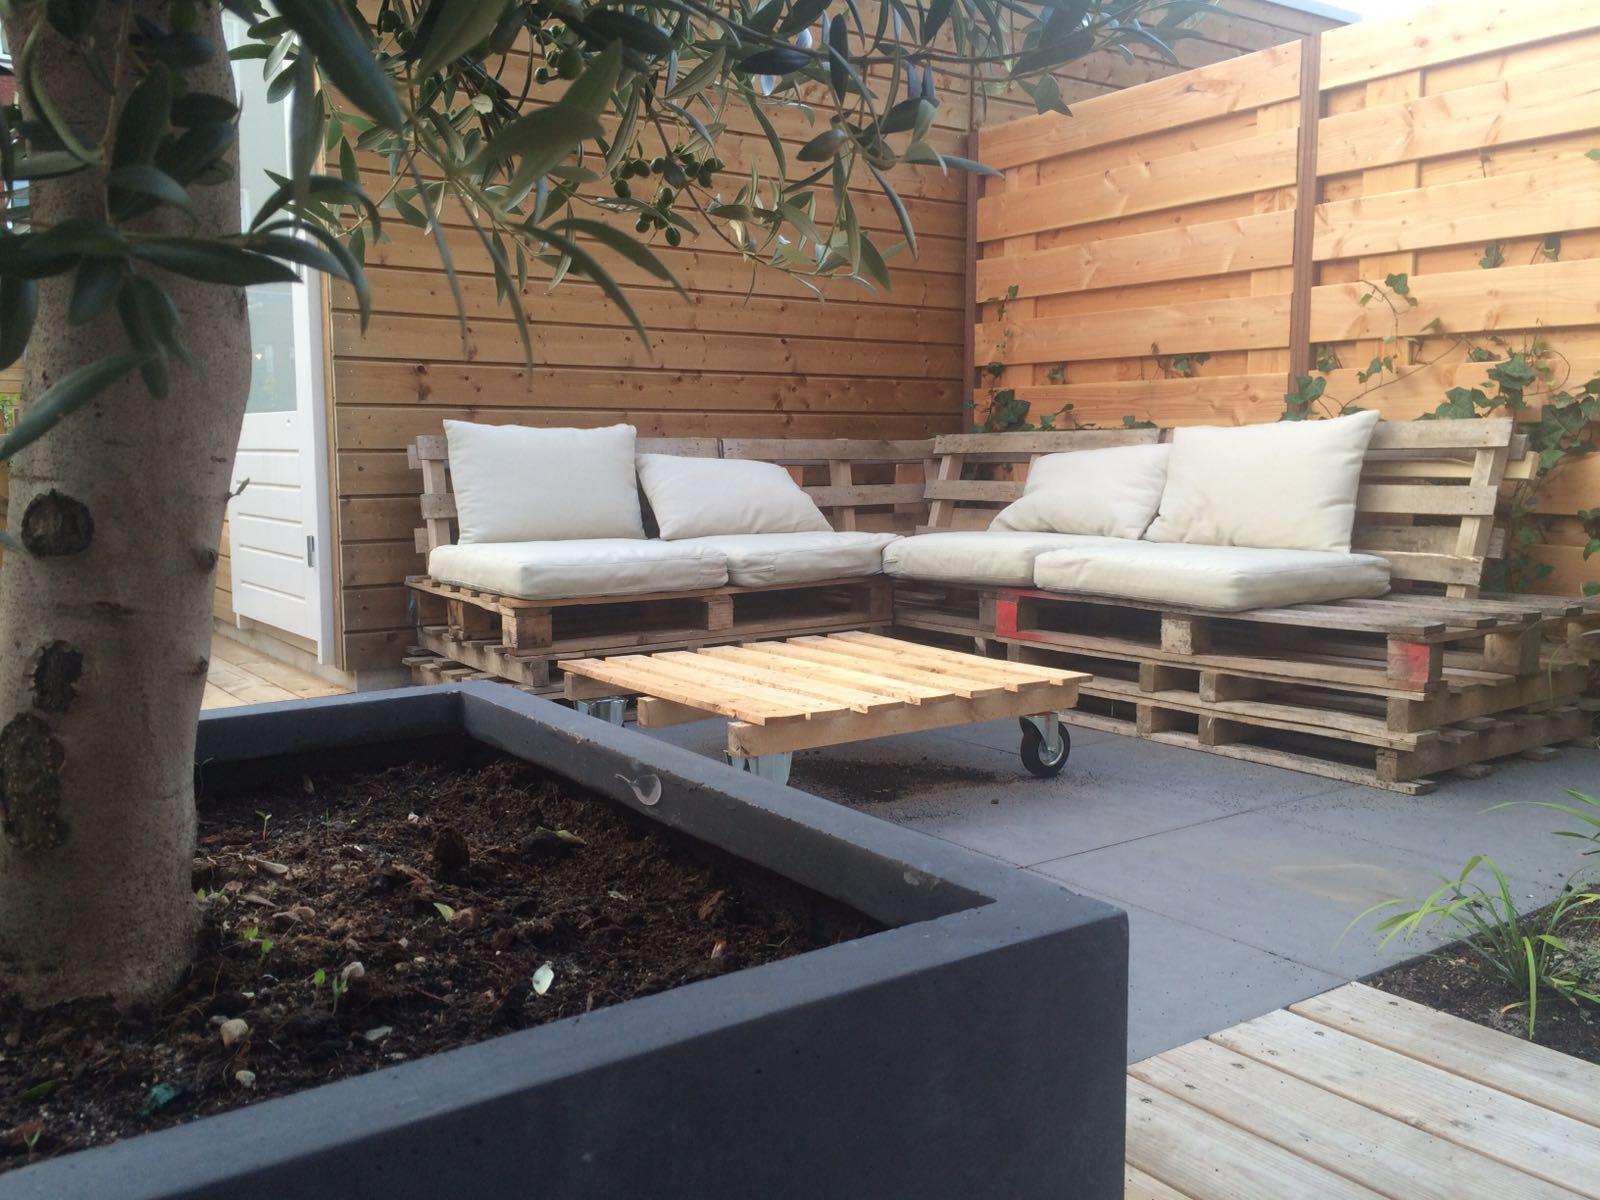 Vt wonen tuin in utrecht for Vacature tuin